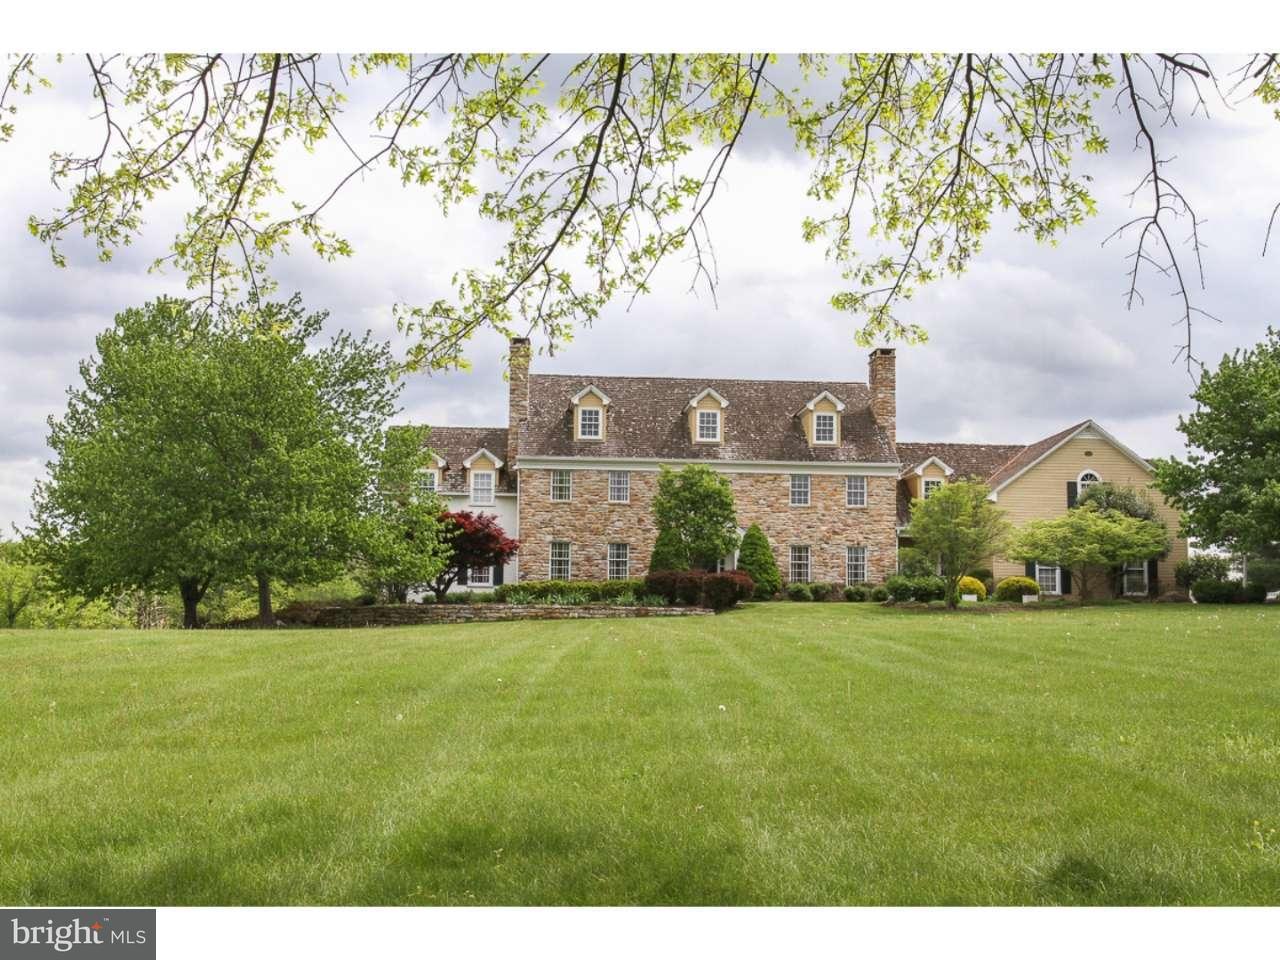 Maison unifamiliale pour l Vente à 3169 DEER CREEK Road Collegeville, Pennsylvanie 19426 États-Unis